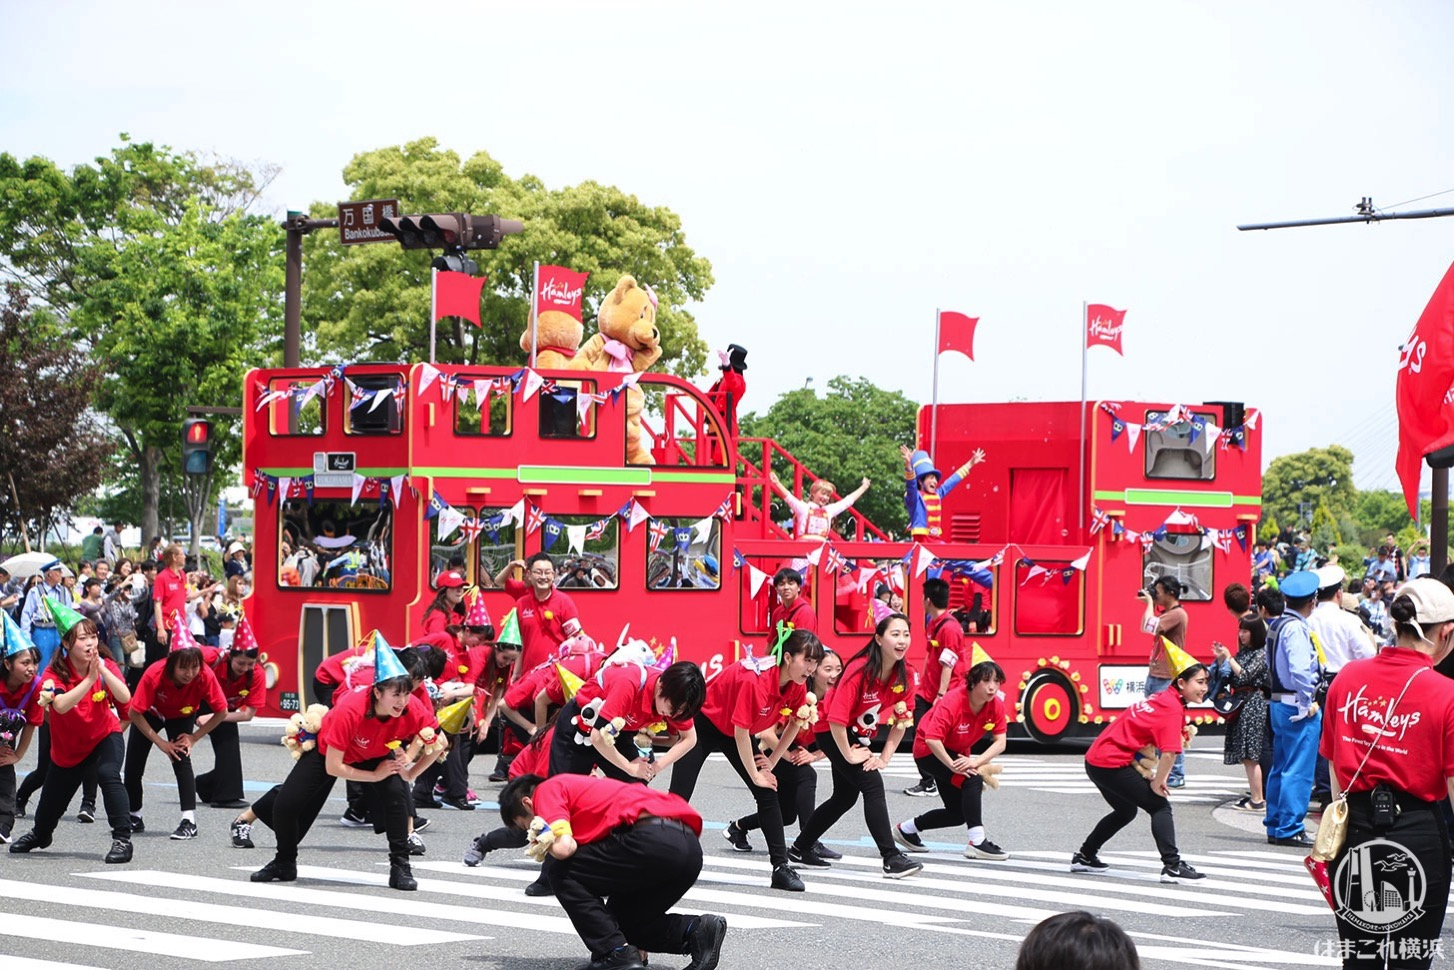 国際仮装行列「ザ よこはまパレード」ハムリーズ